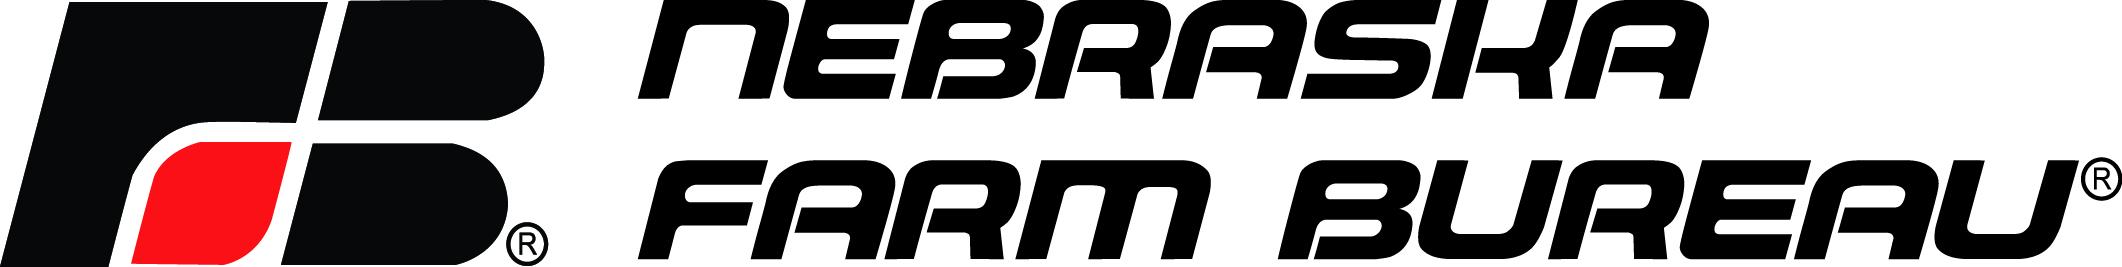 Nebraska Farm Bureau